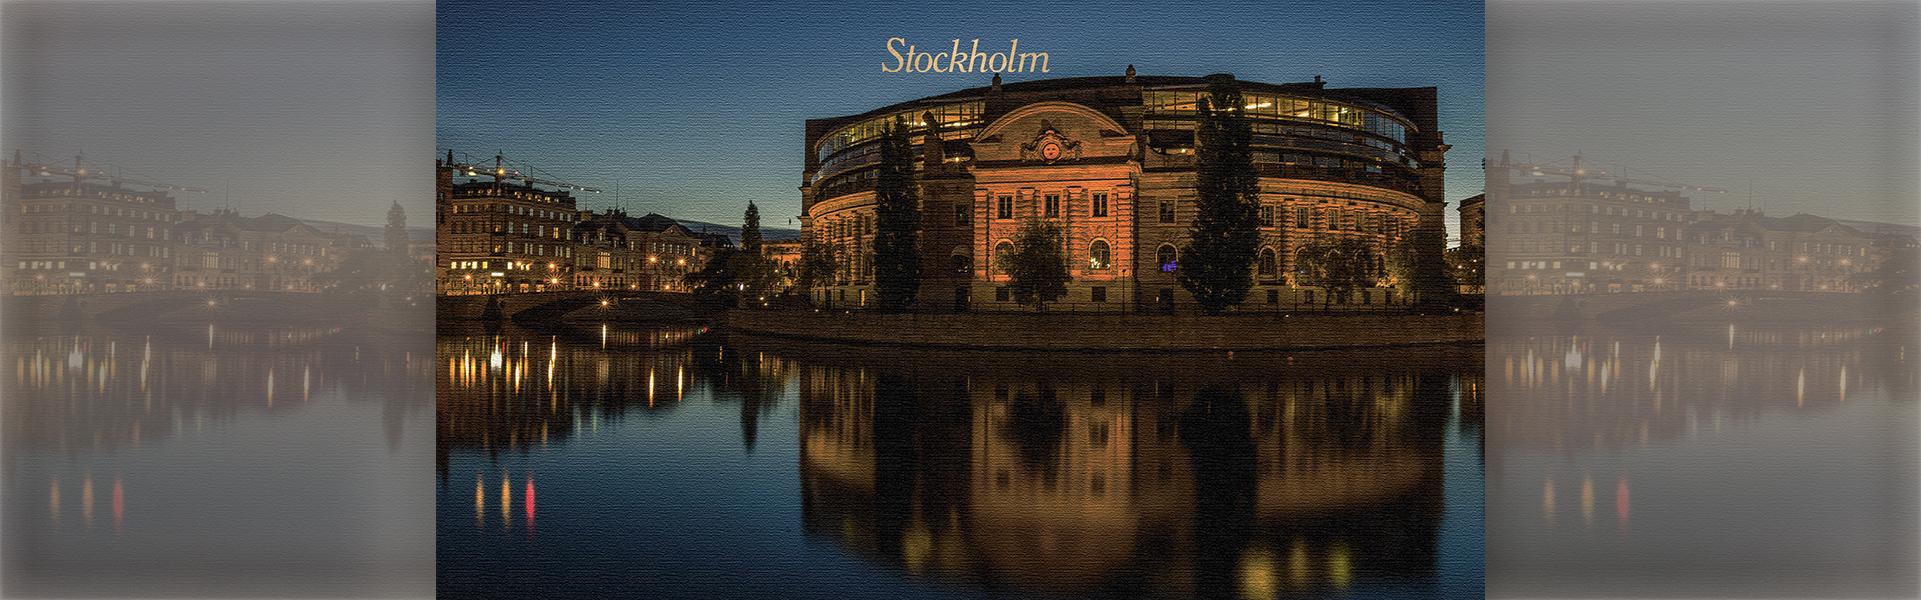 Stockholm 1слайдер 3